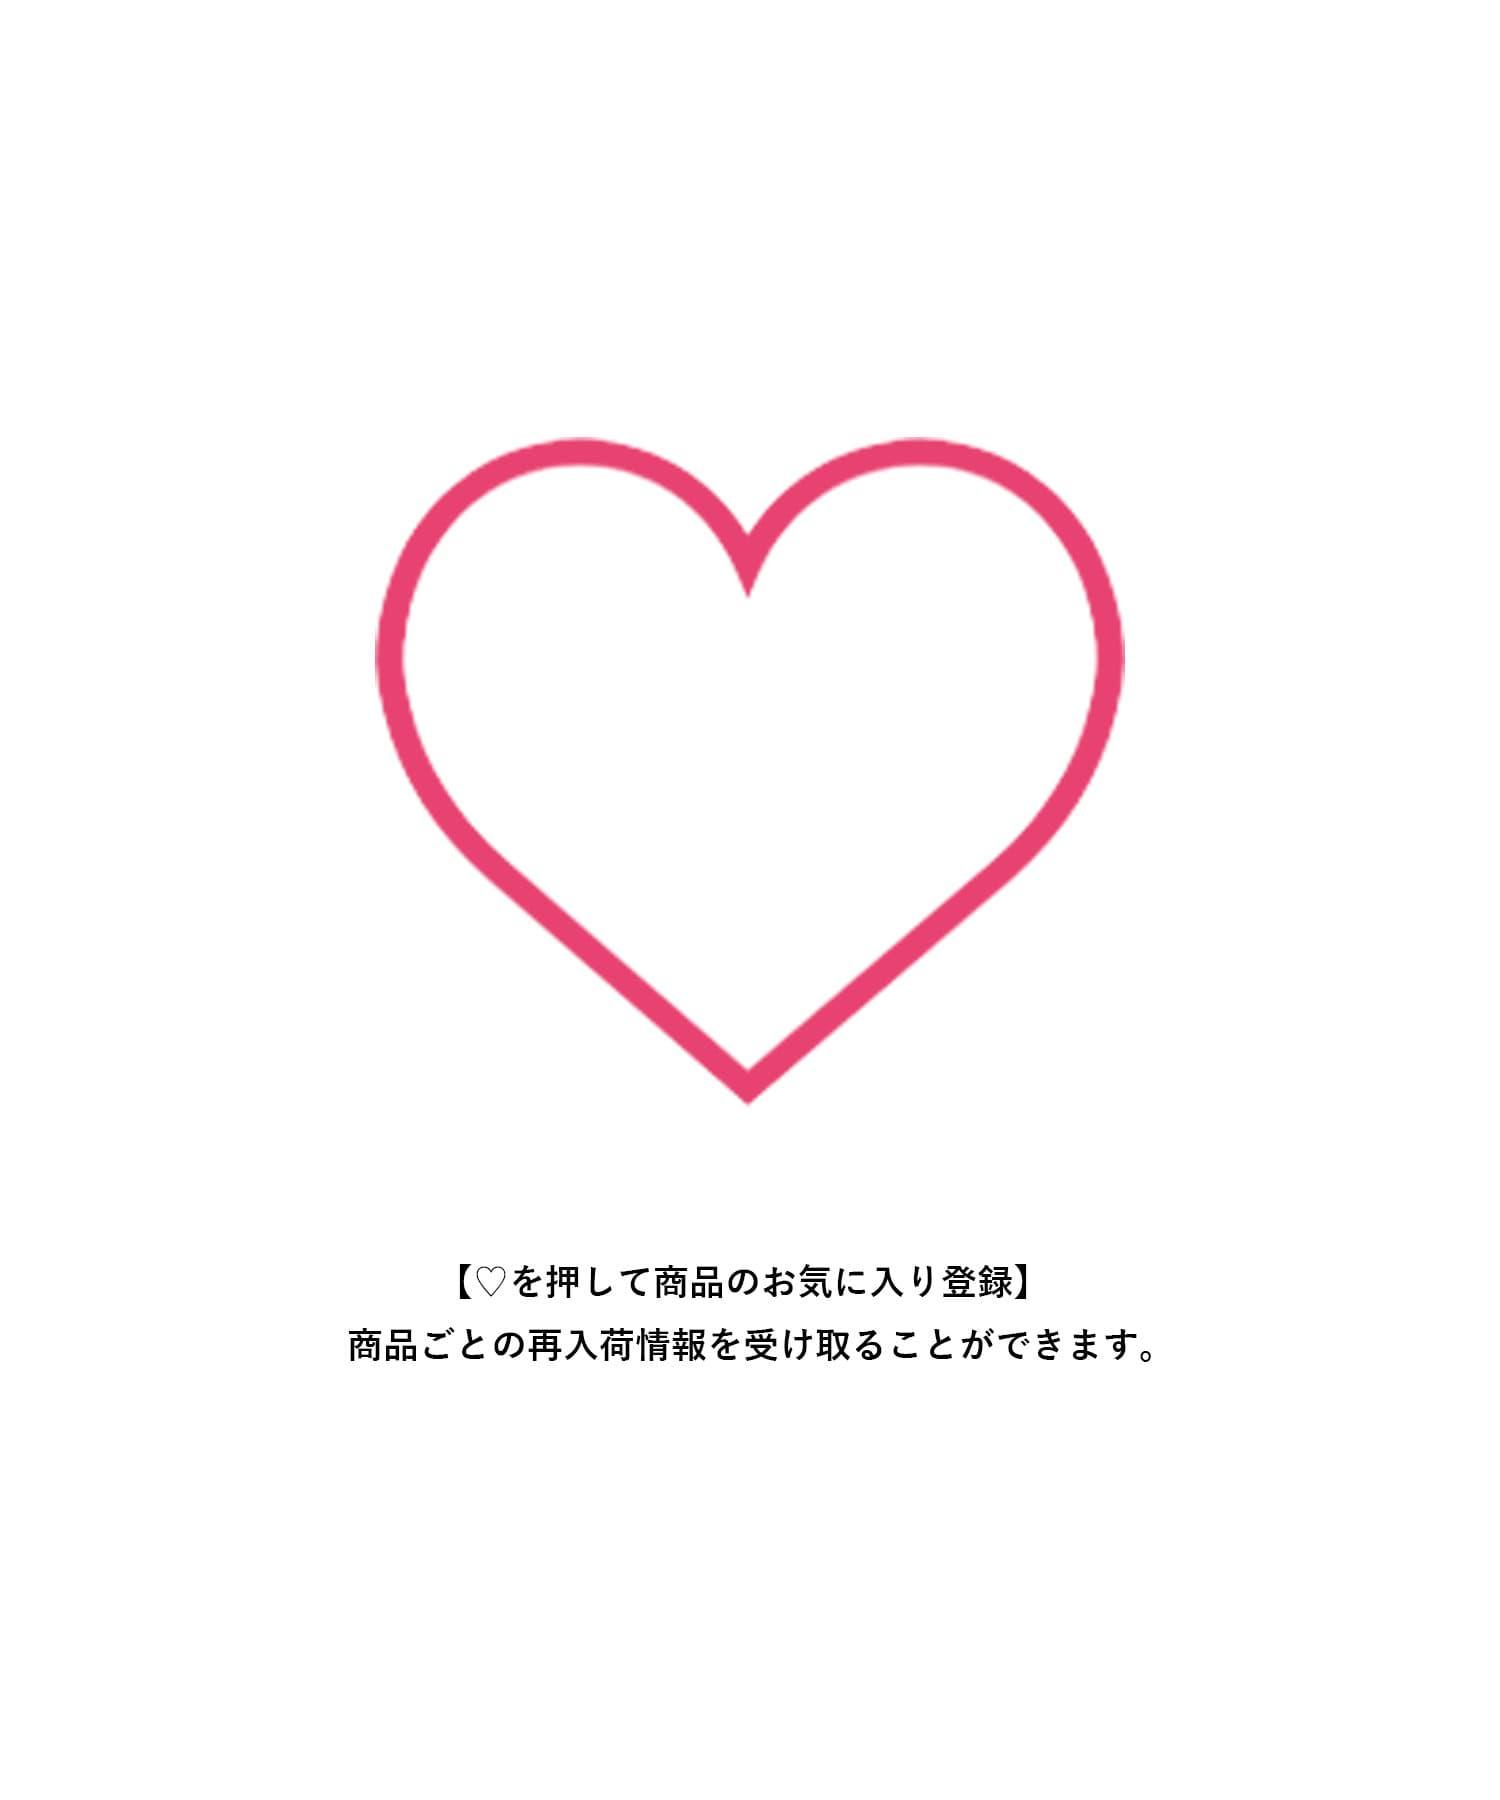 COLLAGE GALLARDAGALANTE(コラージュ ガリャルダガランテ) 【PAPILLONNER/パピヨネ】バイカラーコインネックレス